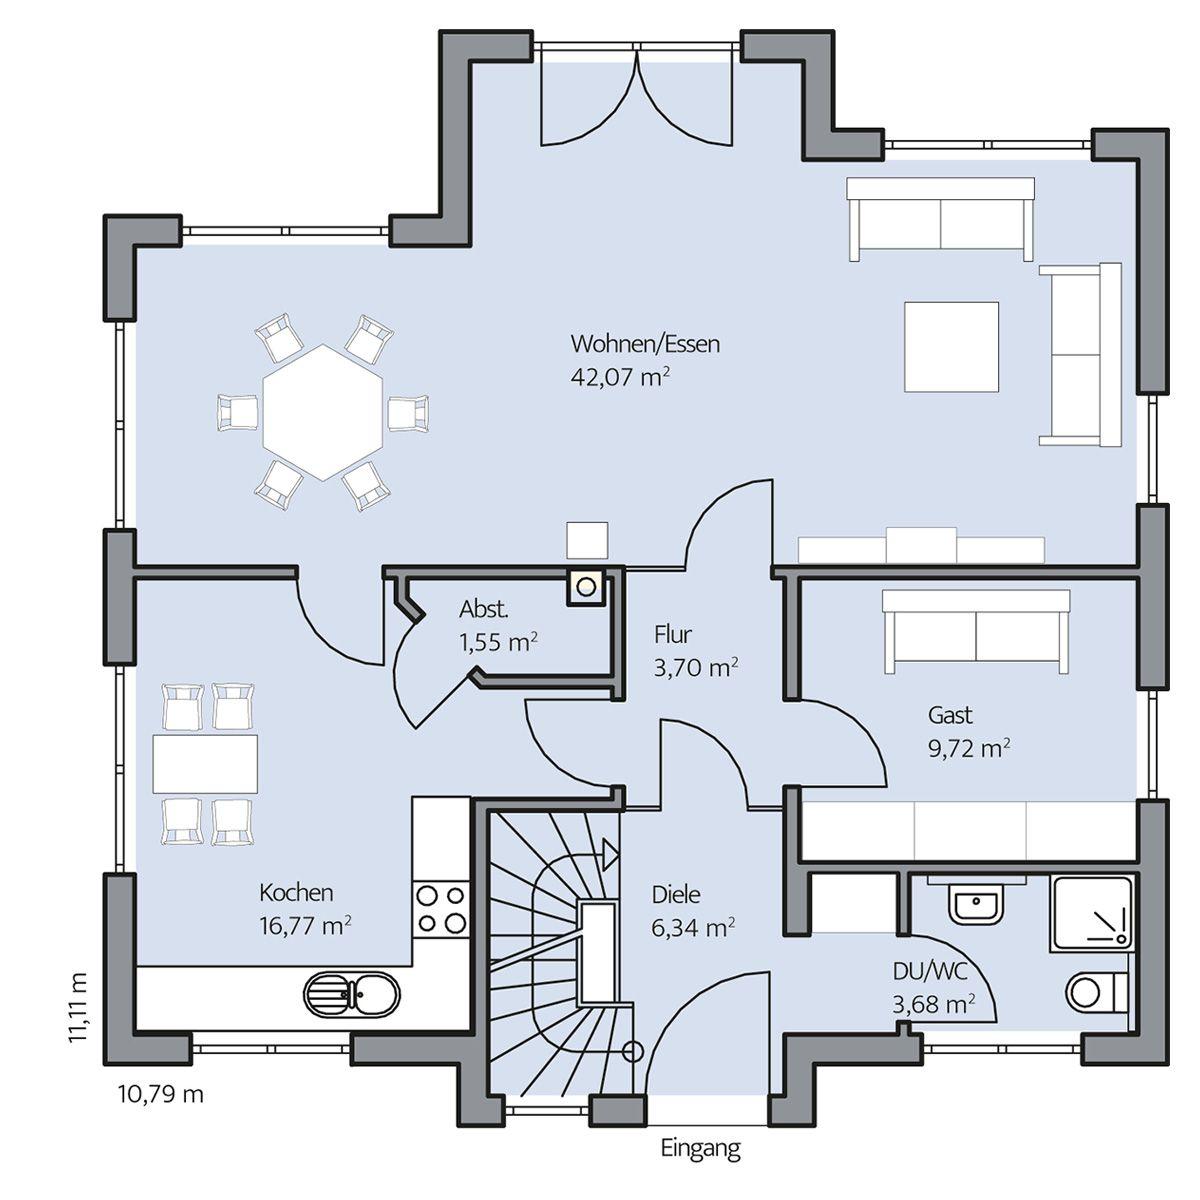 kredite vergleichen mit dem europ ischen standardisierten merkblatt wohnidee pinterest. Black Bedroom Furniture Sets. Home Design Ideas